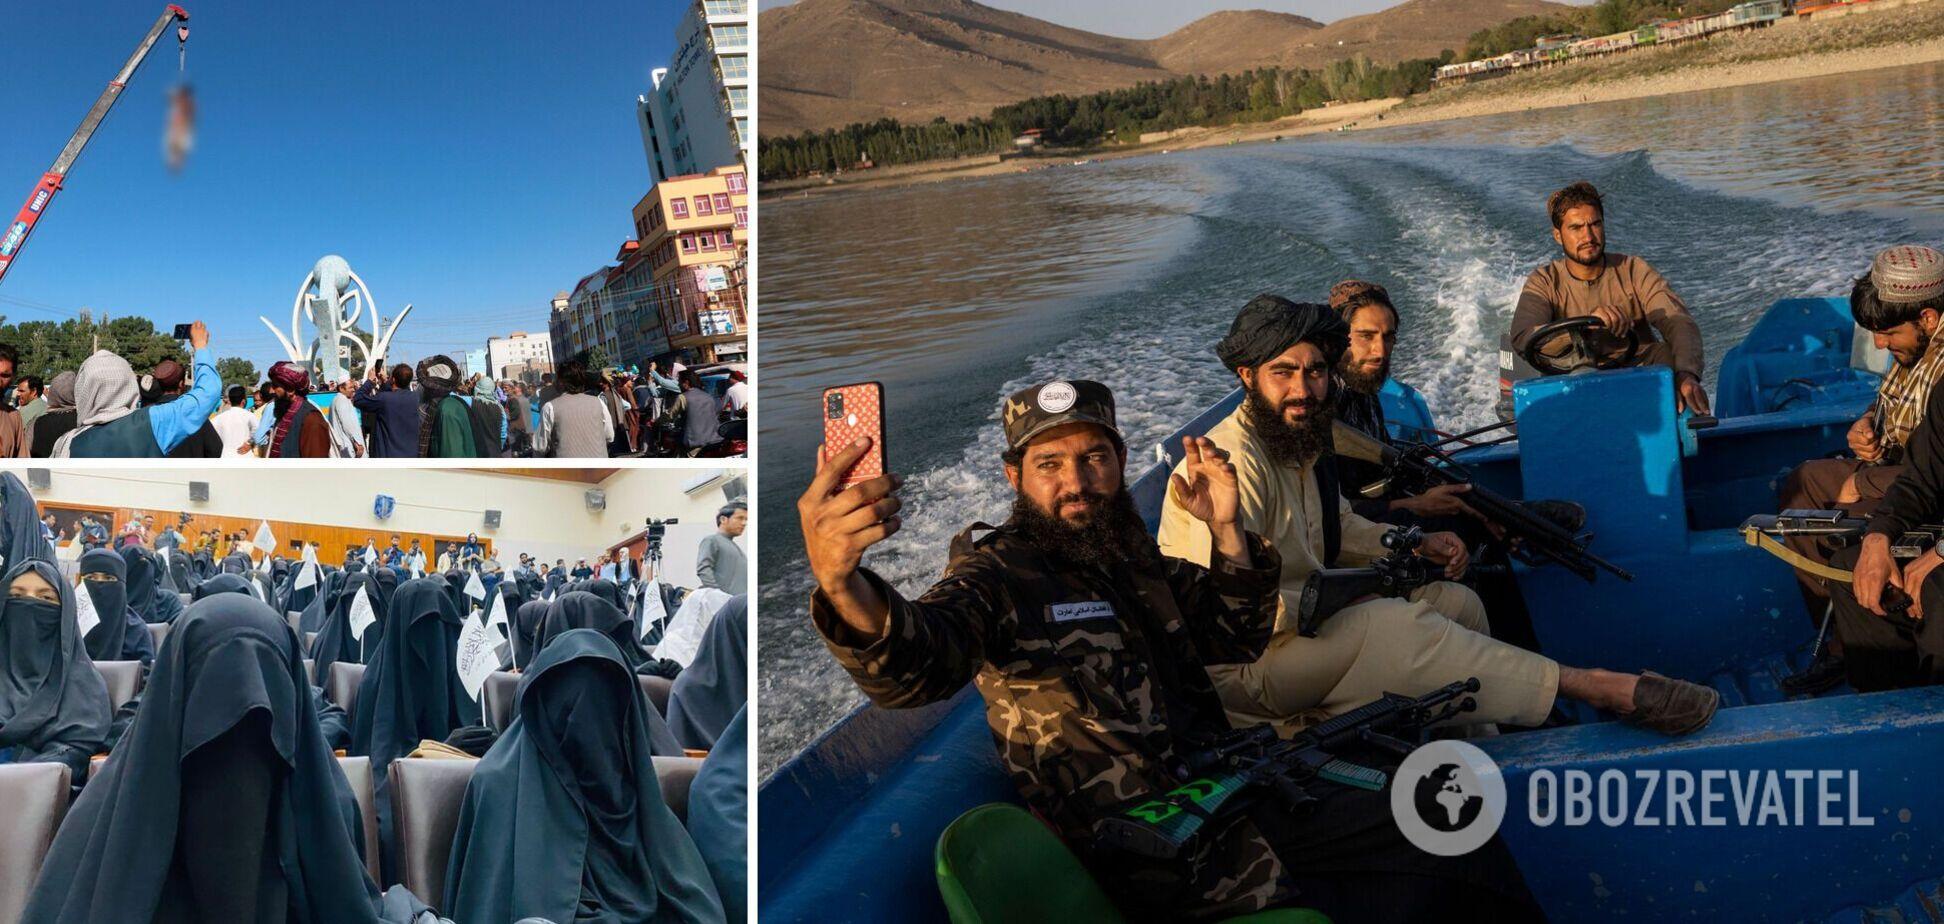 Талибы возвращают жестокие правила в Афганистане